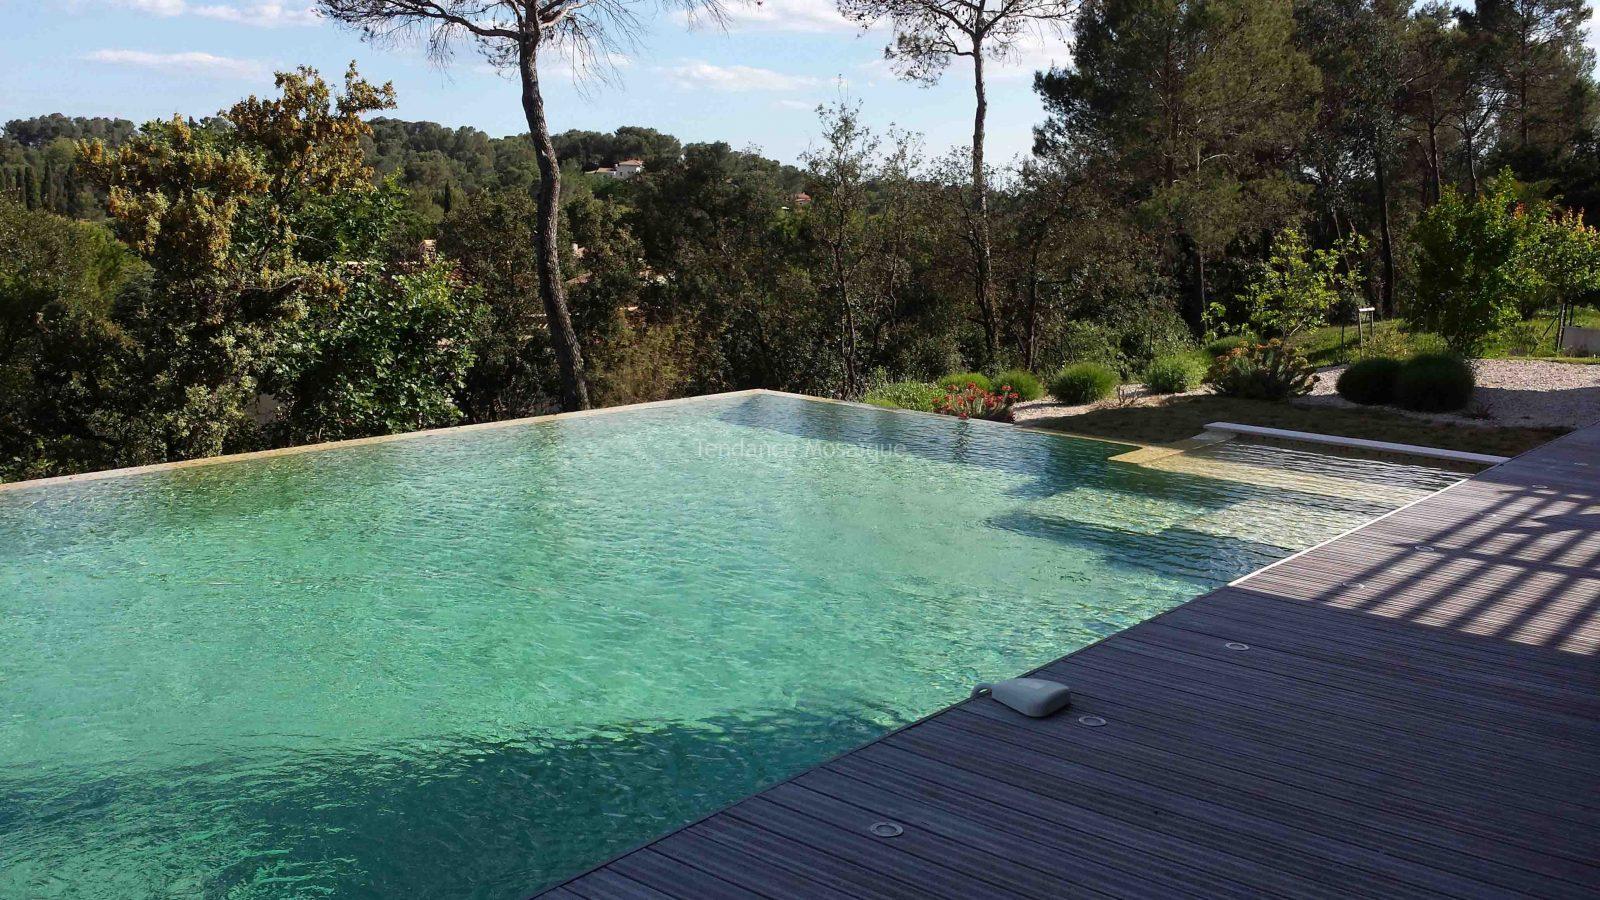 piscine r alis e p te de verre dolce mosaic oasis. Black Bedroom Furniture Sets. Home Design Ideas